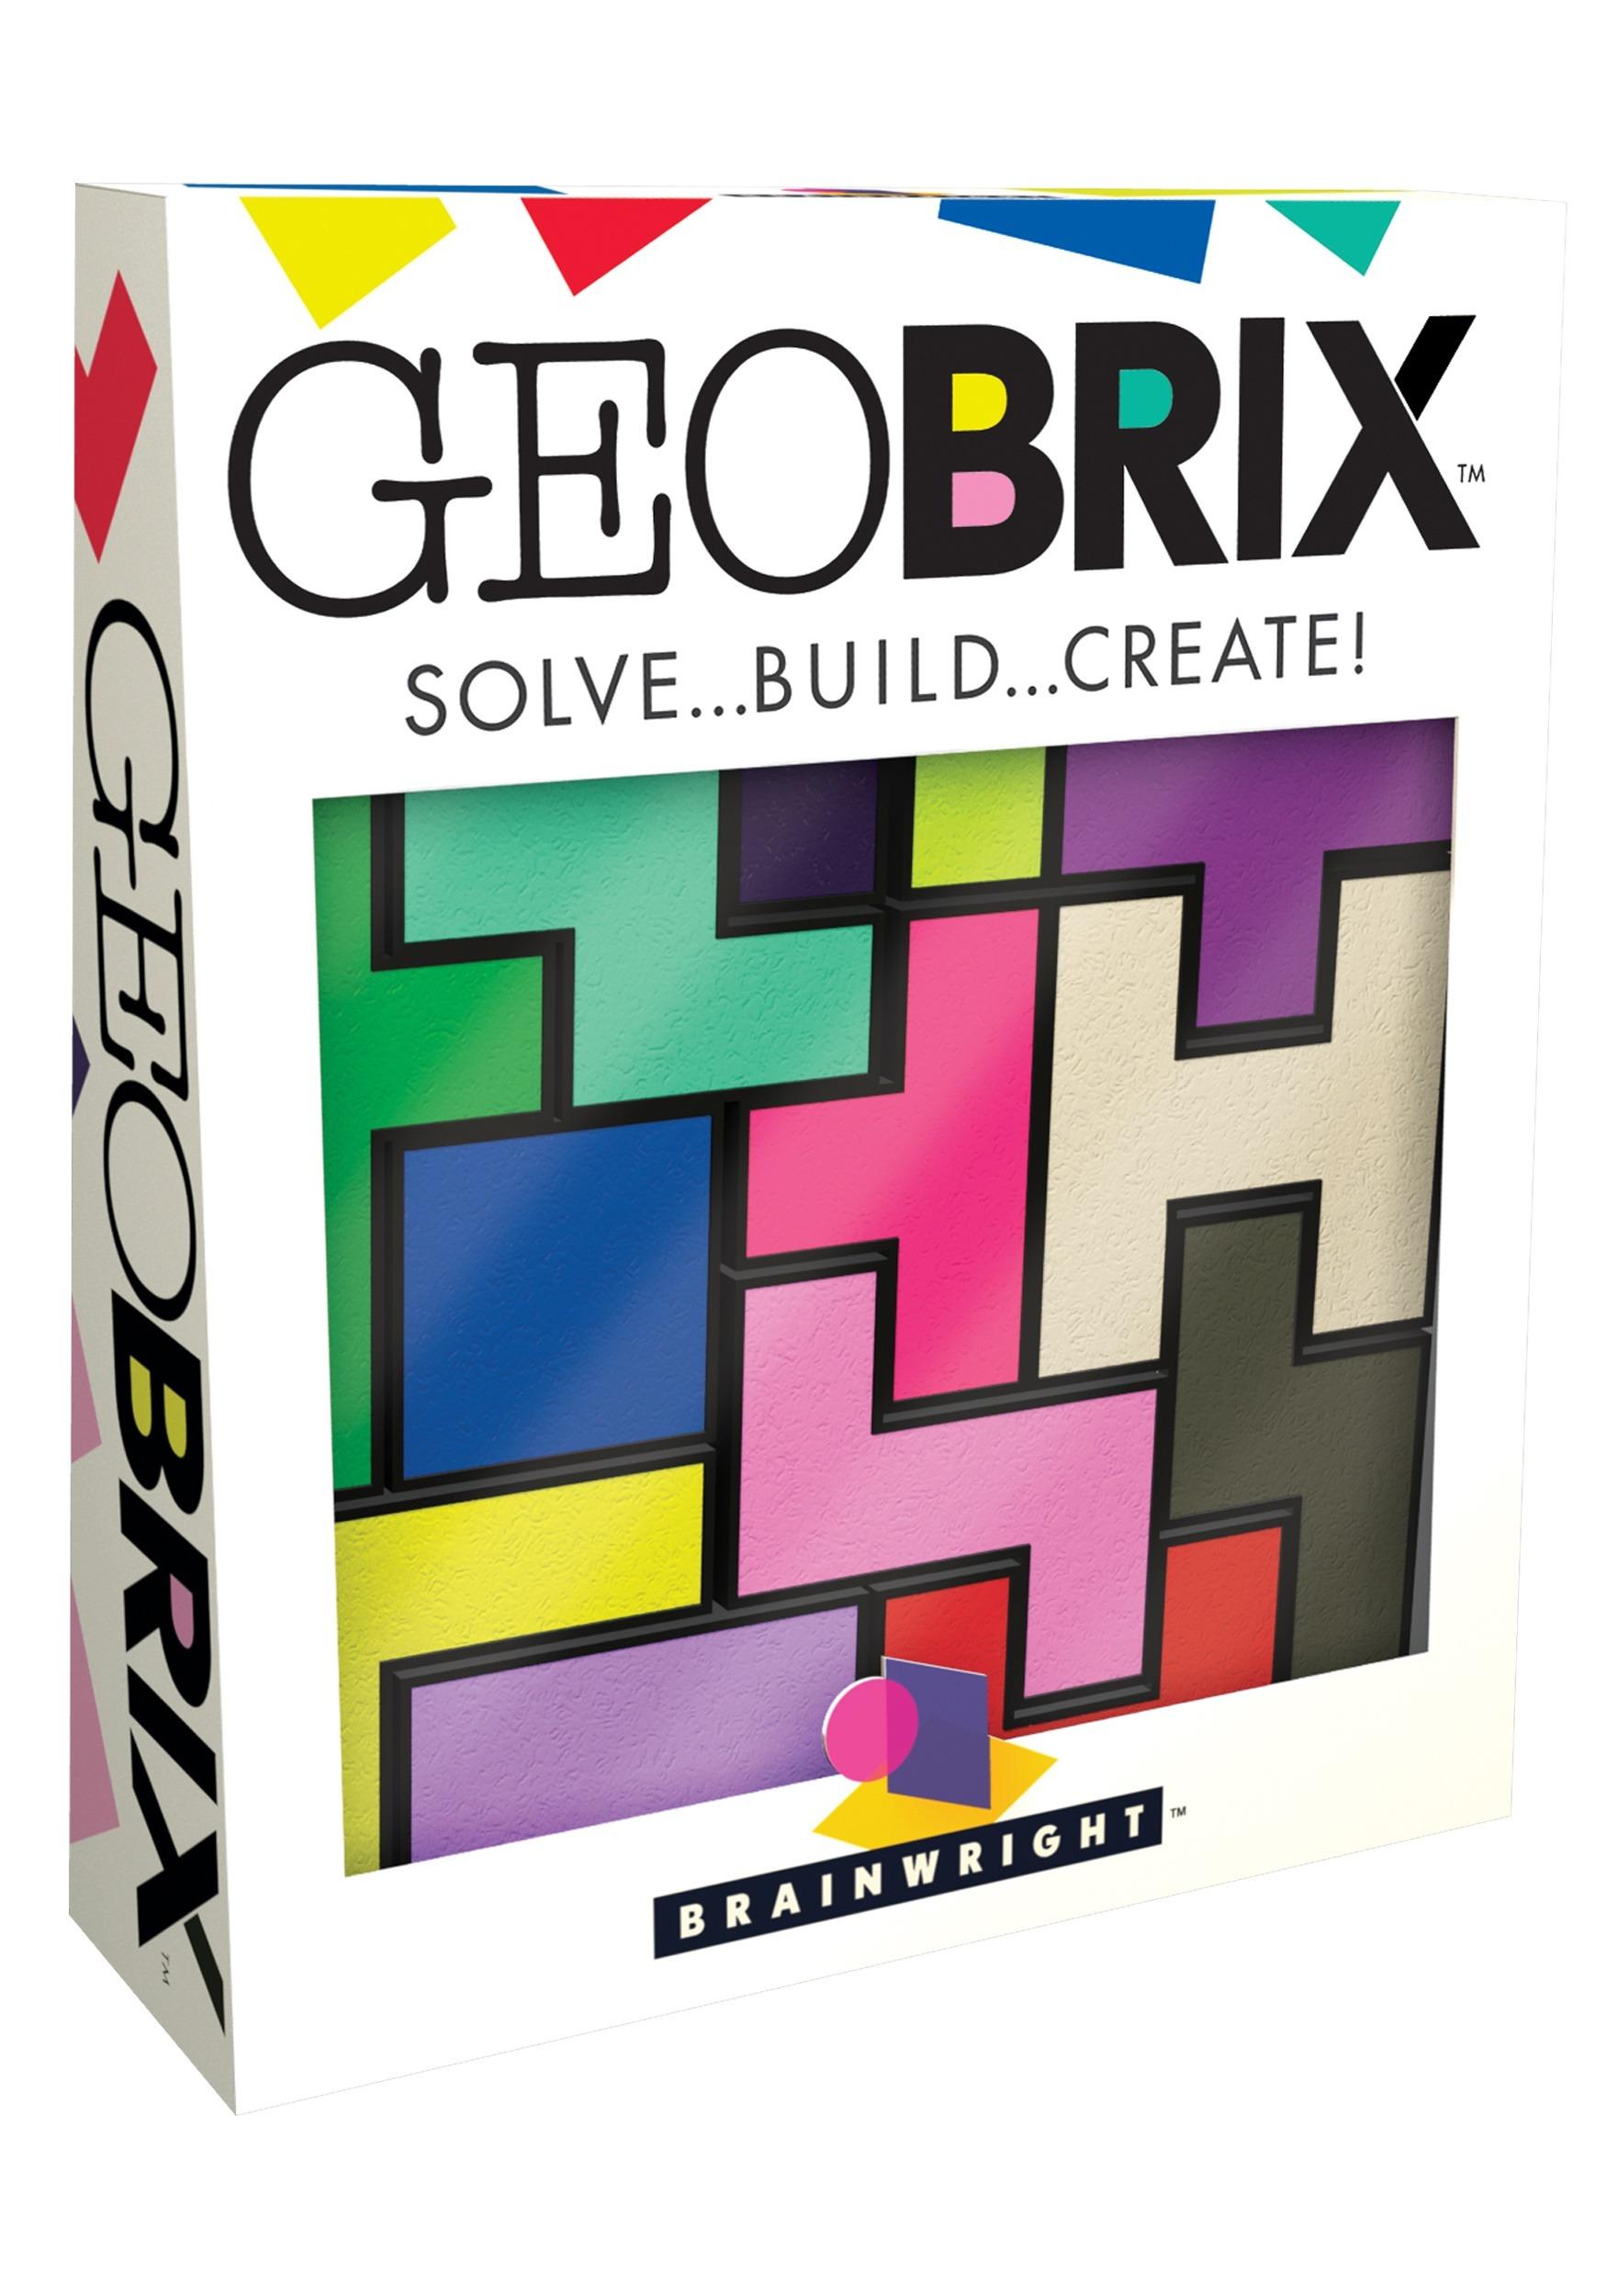 Brainwright GeoBRIX Solve Build Create Puzzle for Kids